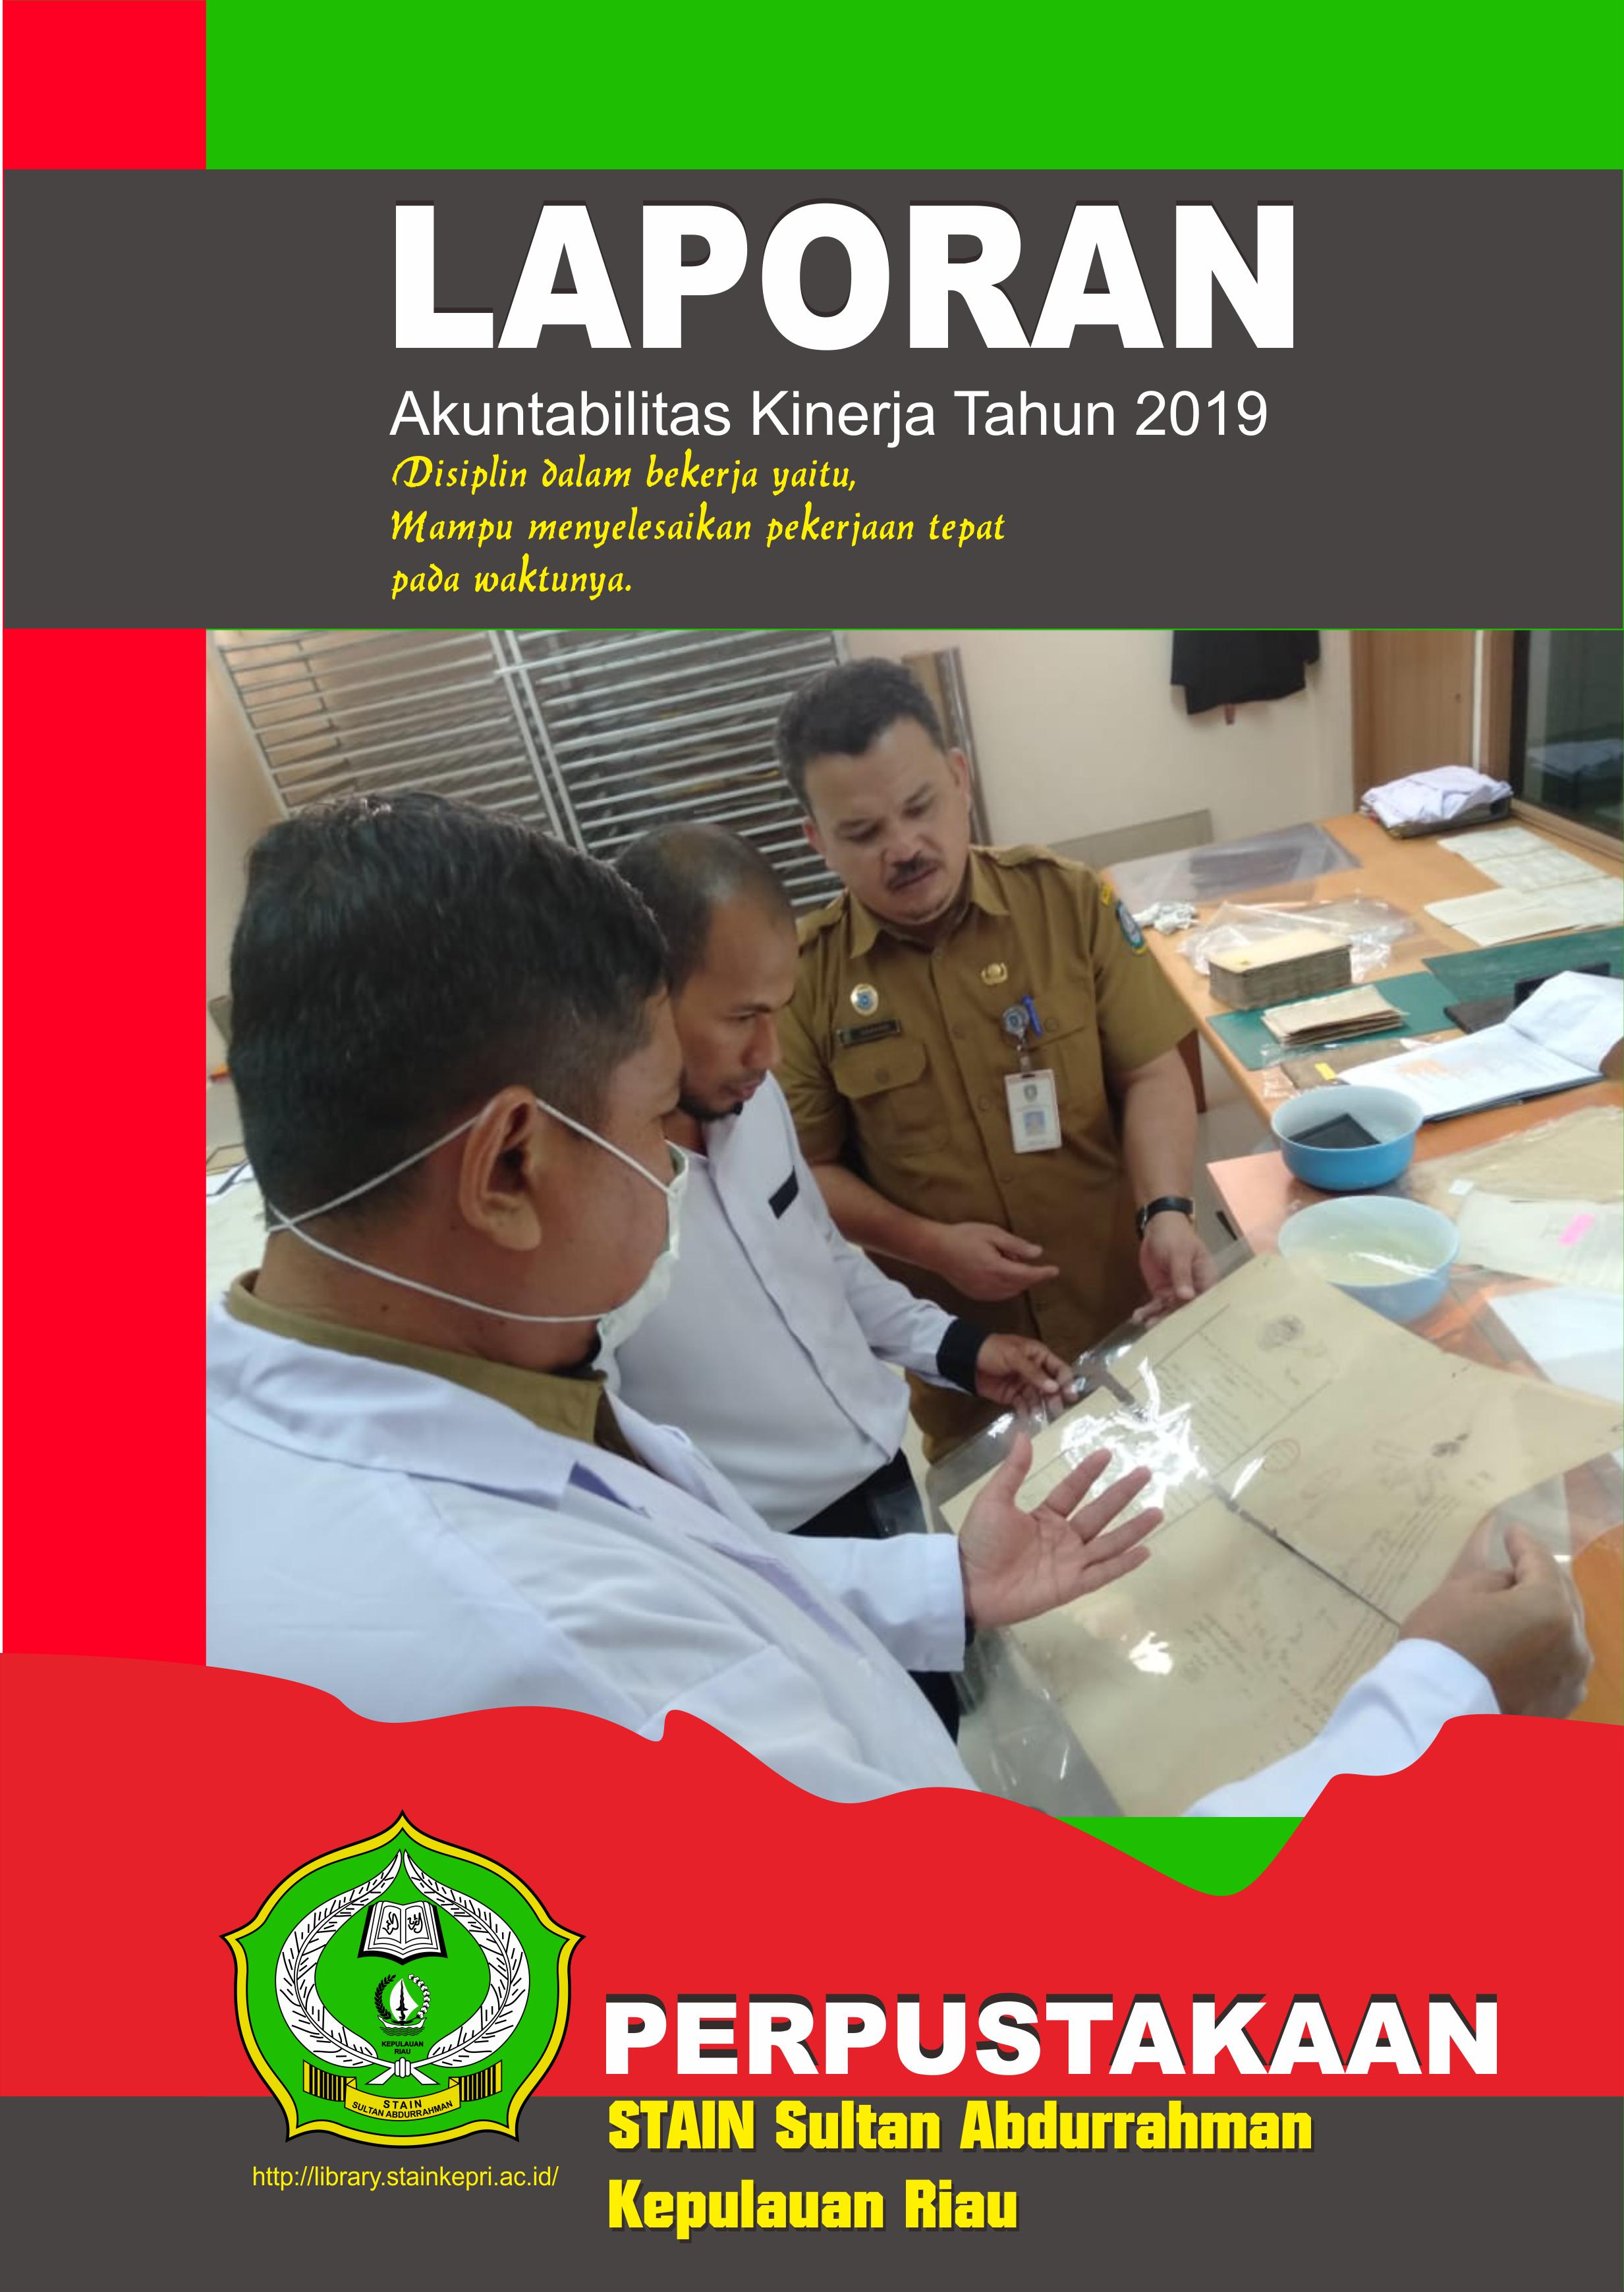 Laporan Akuntabilitas Kinerja Tahun 2019